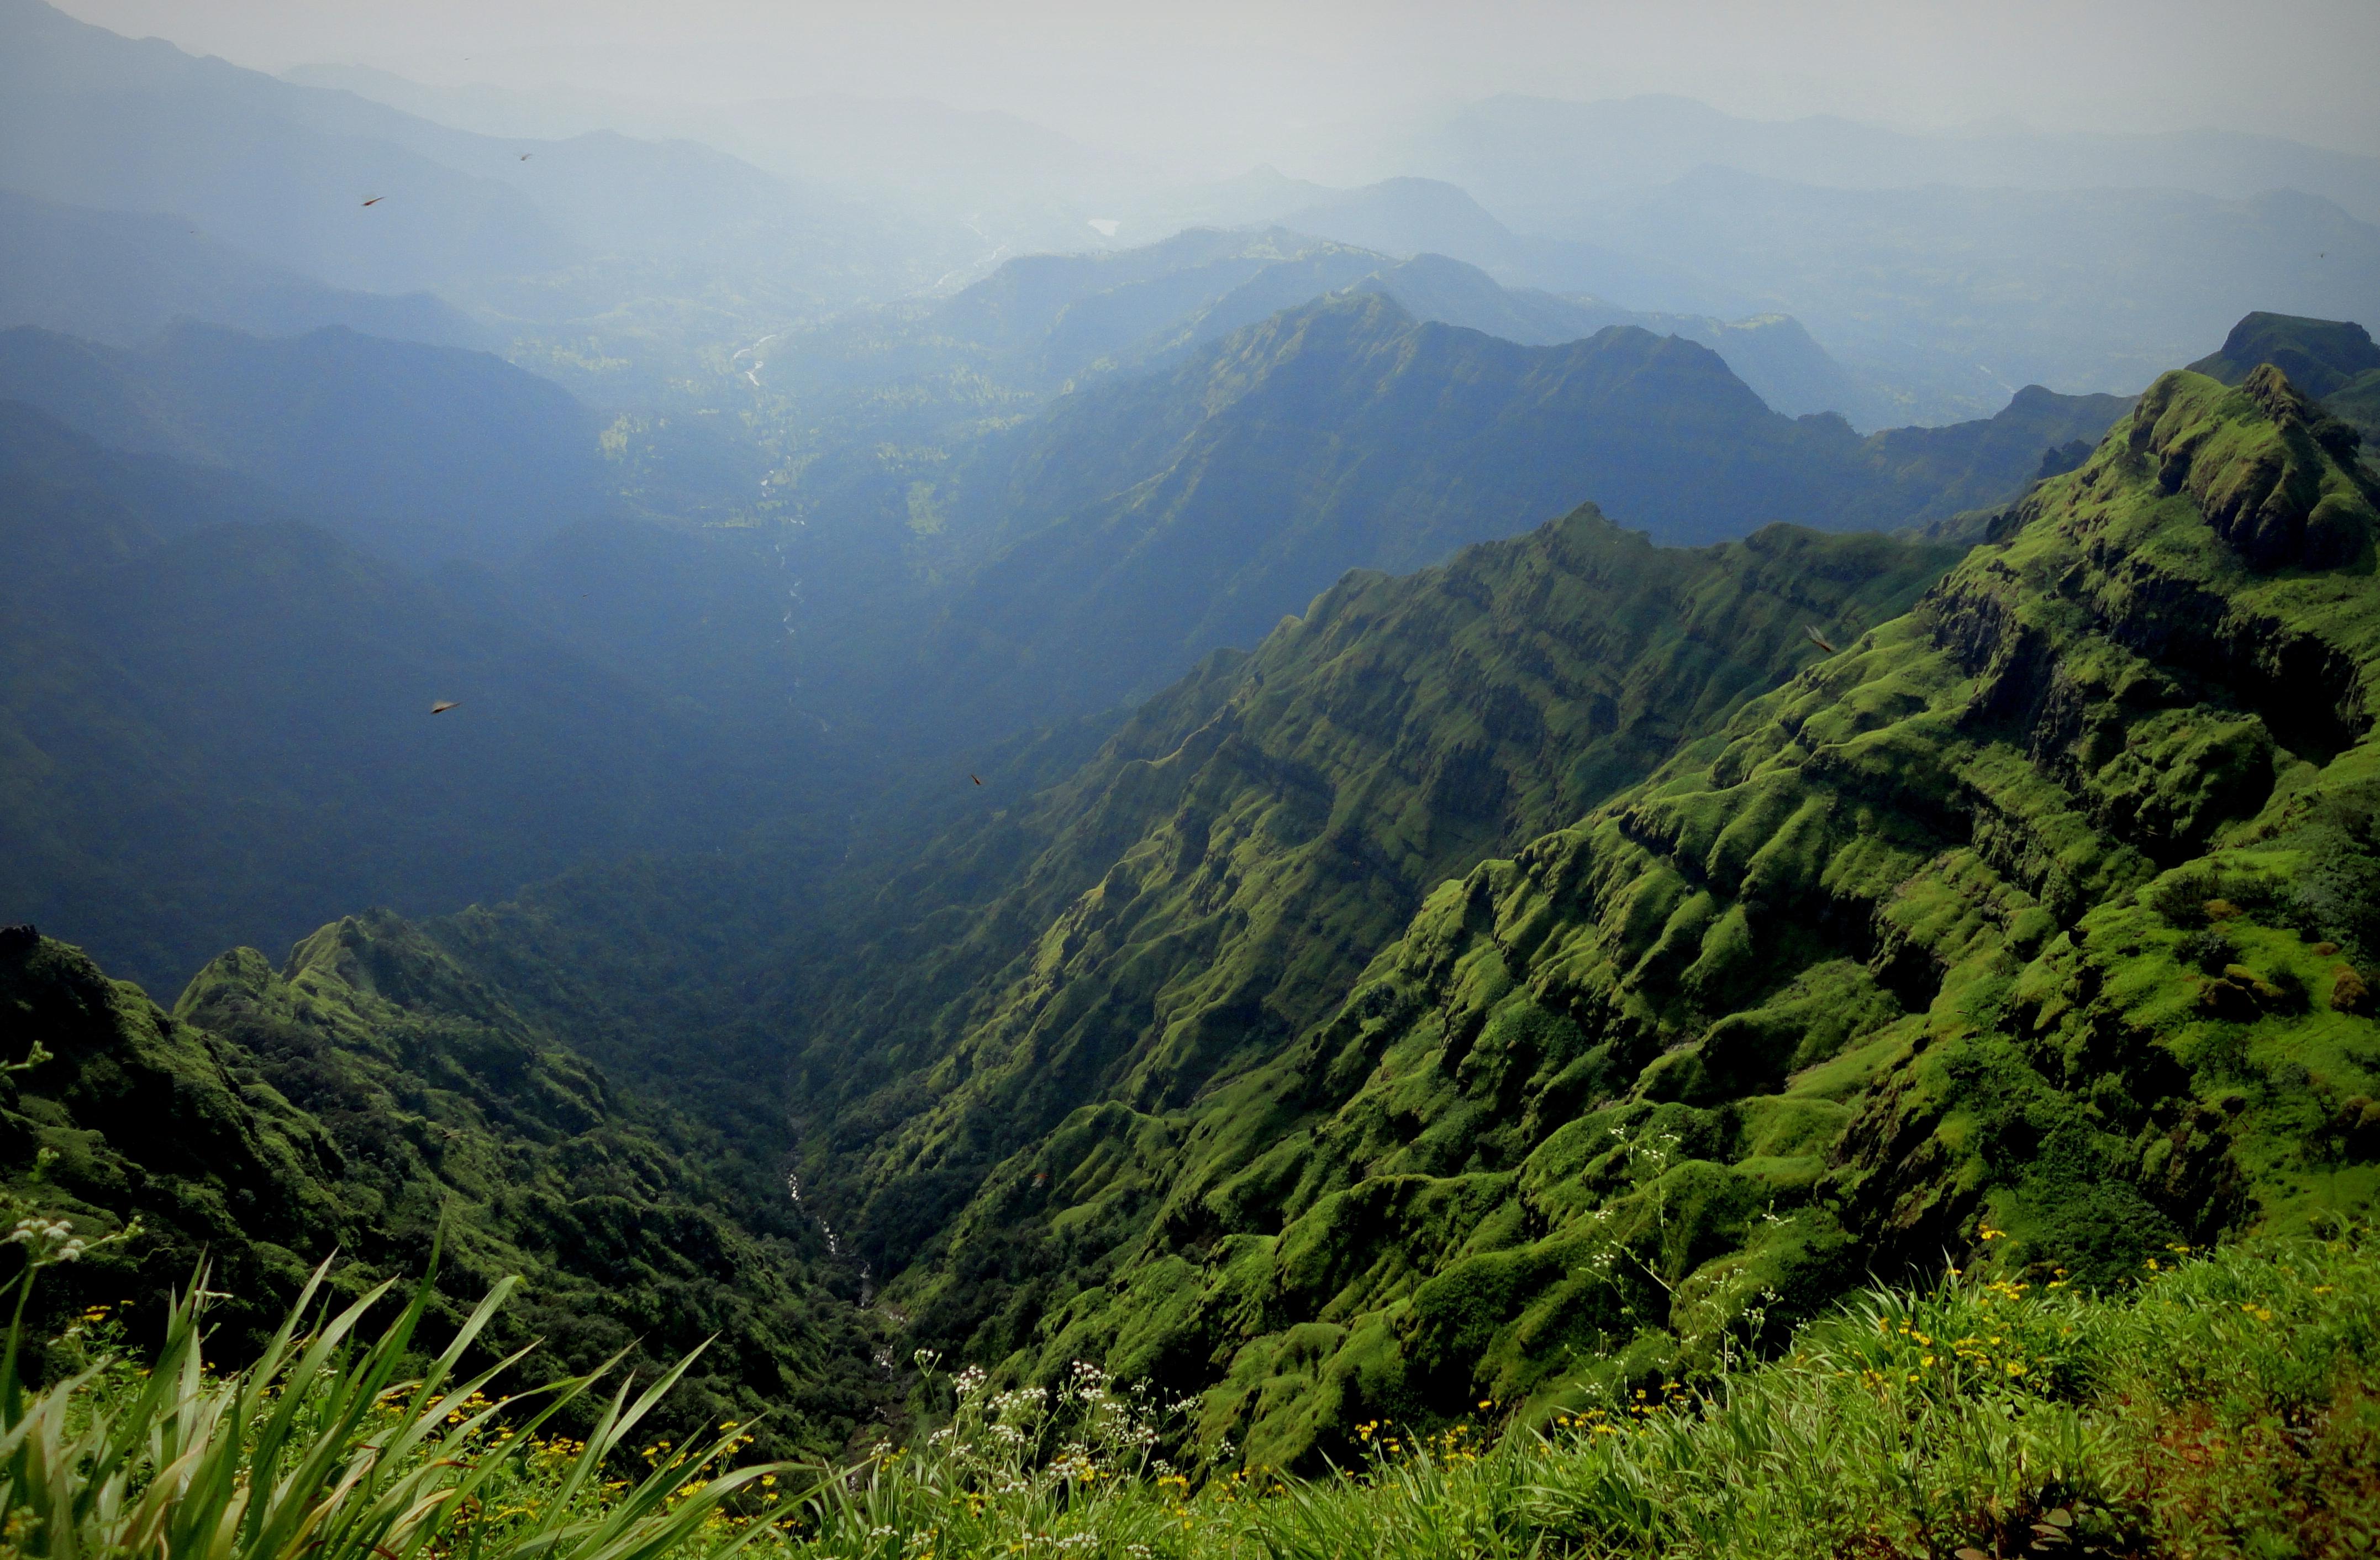 98218 Hintergrundbild herunterladen Landschaft, Natur, Mountains, Nebel - Bildschirmschoner und Bilder kostenlos